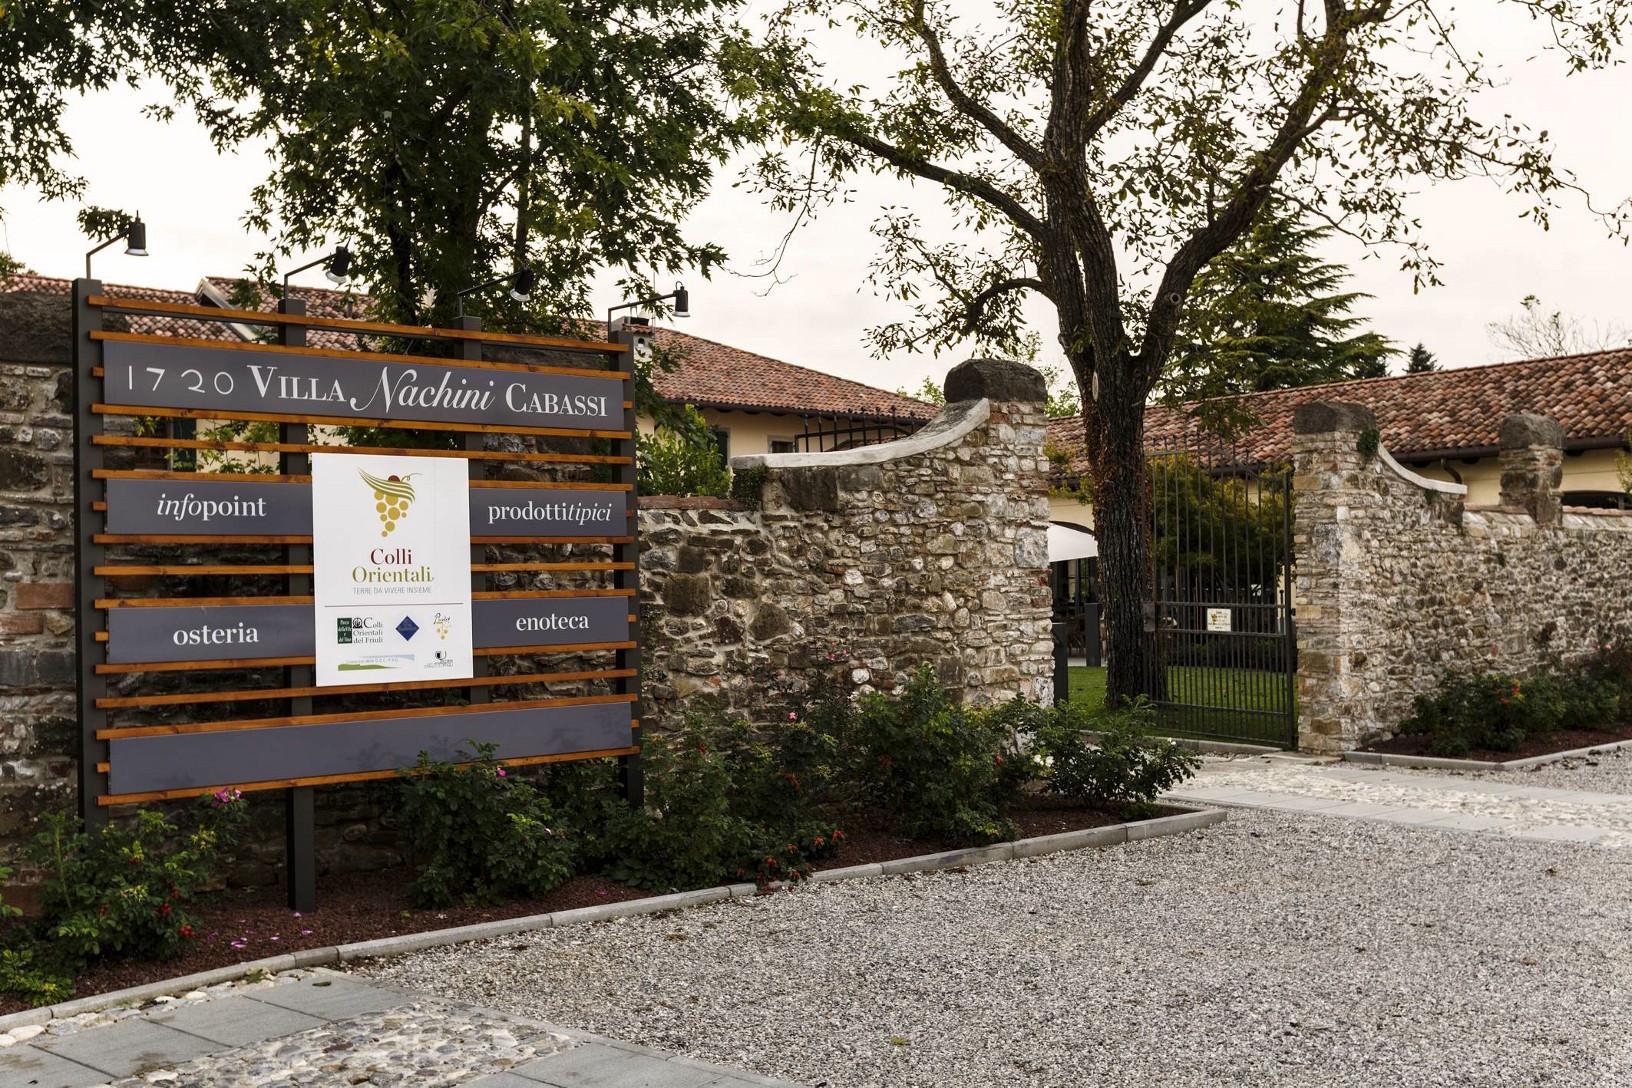 Villa Nachini Cabassi Nelle Colline Friulane A Vous Le Frioul